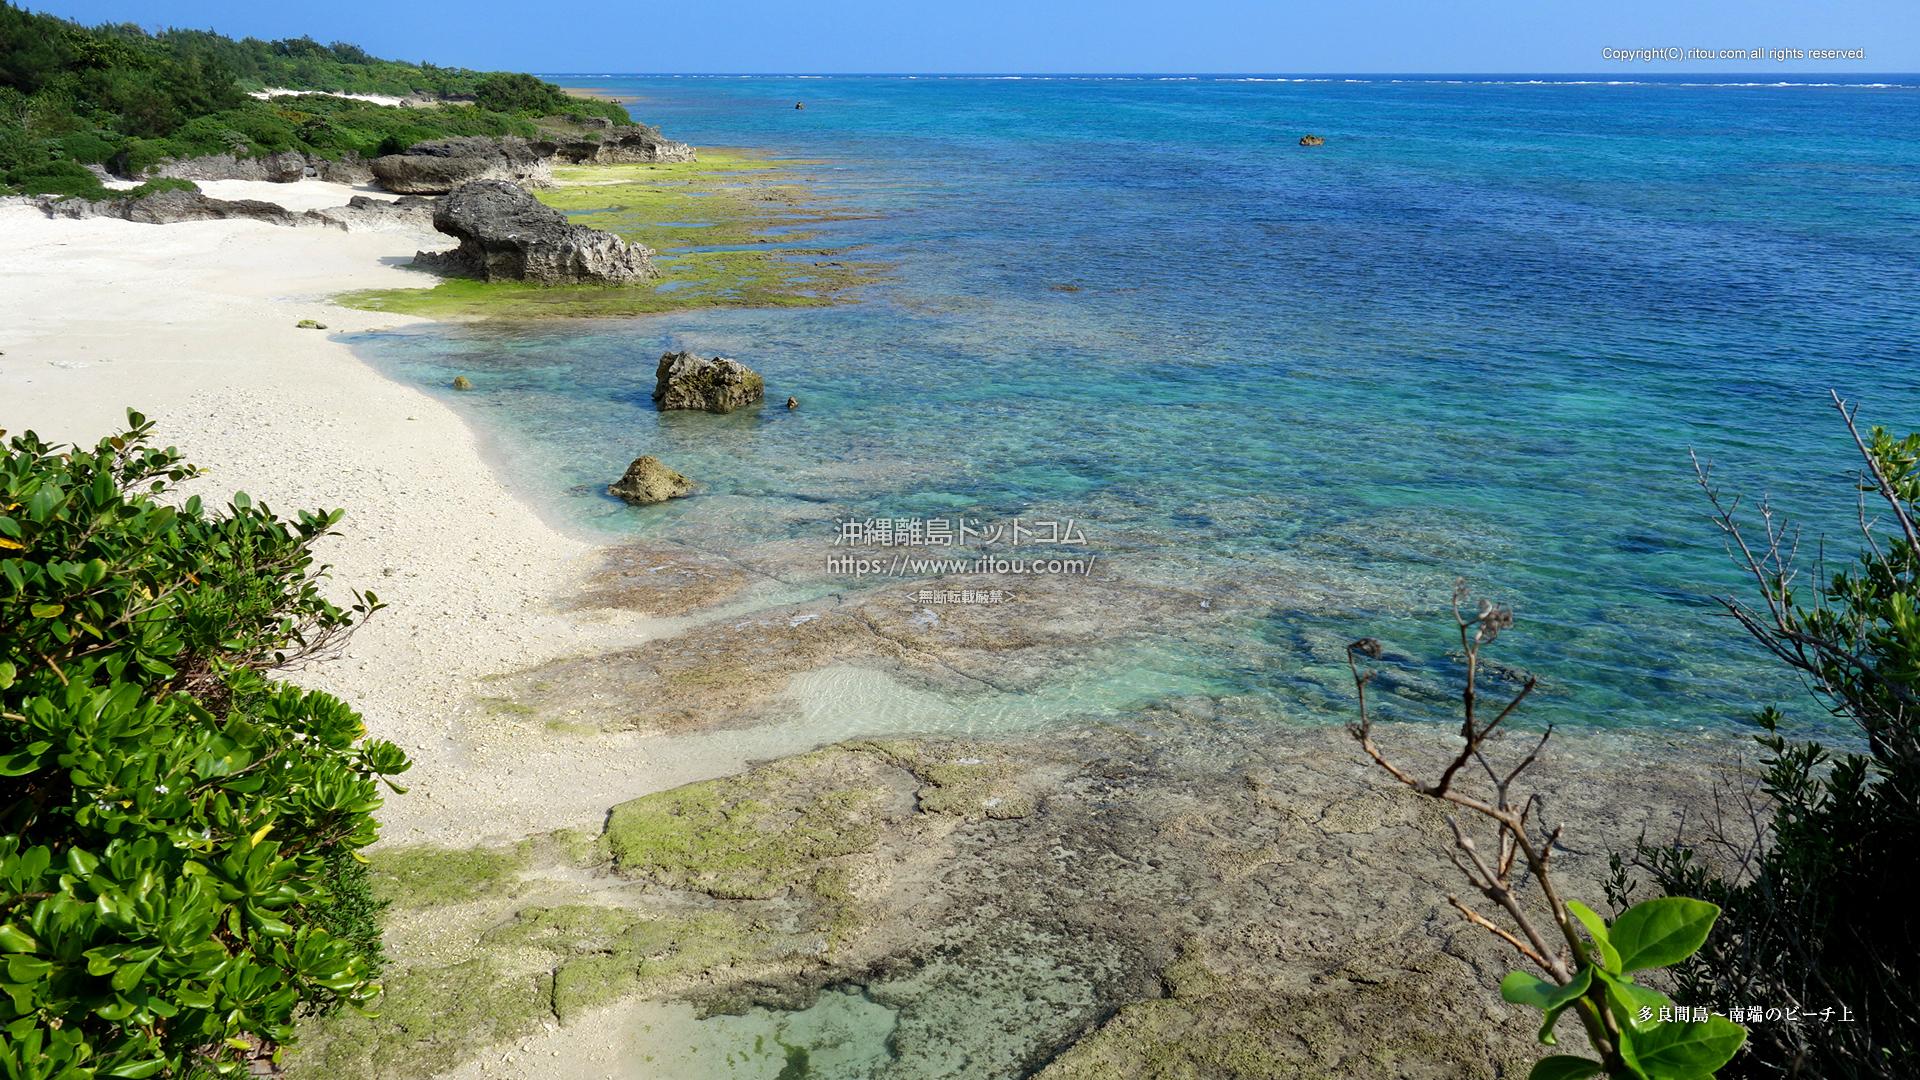 多良間島〜南端のビーチ上